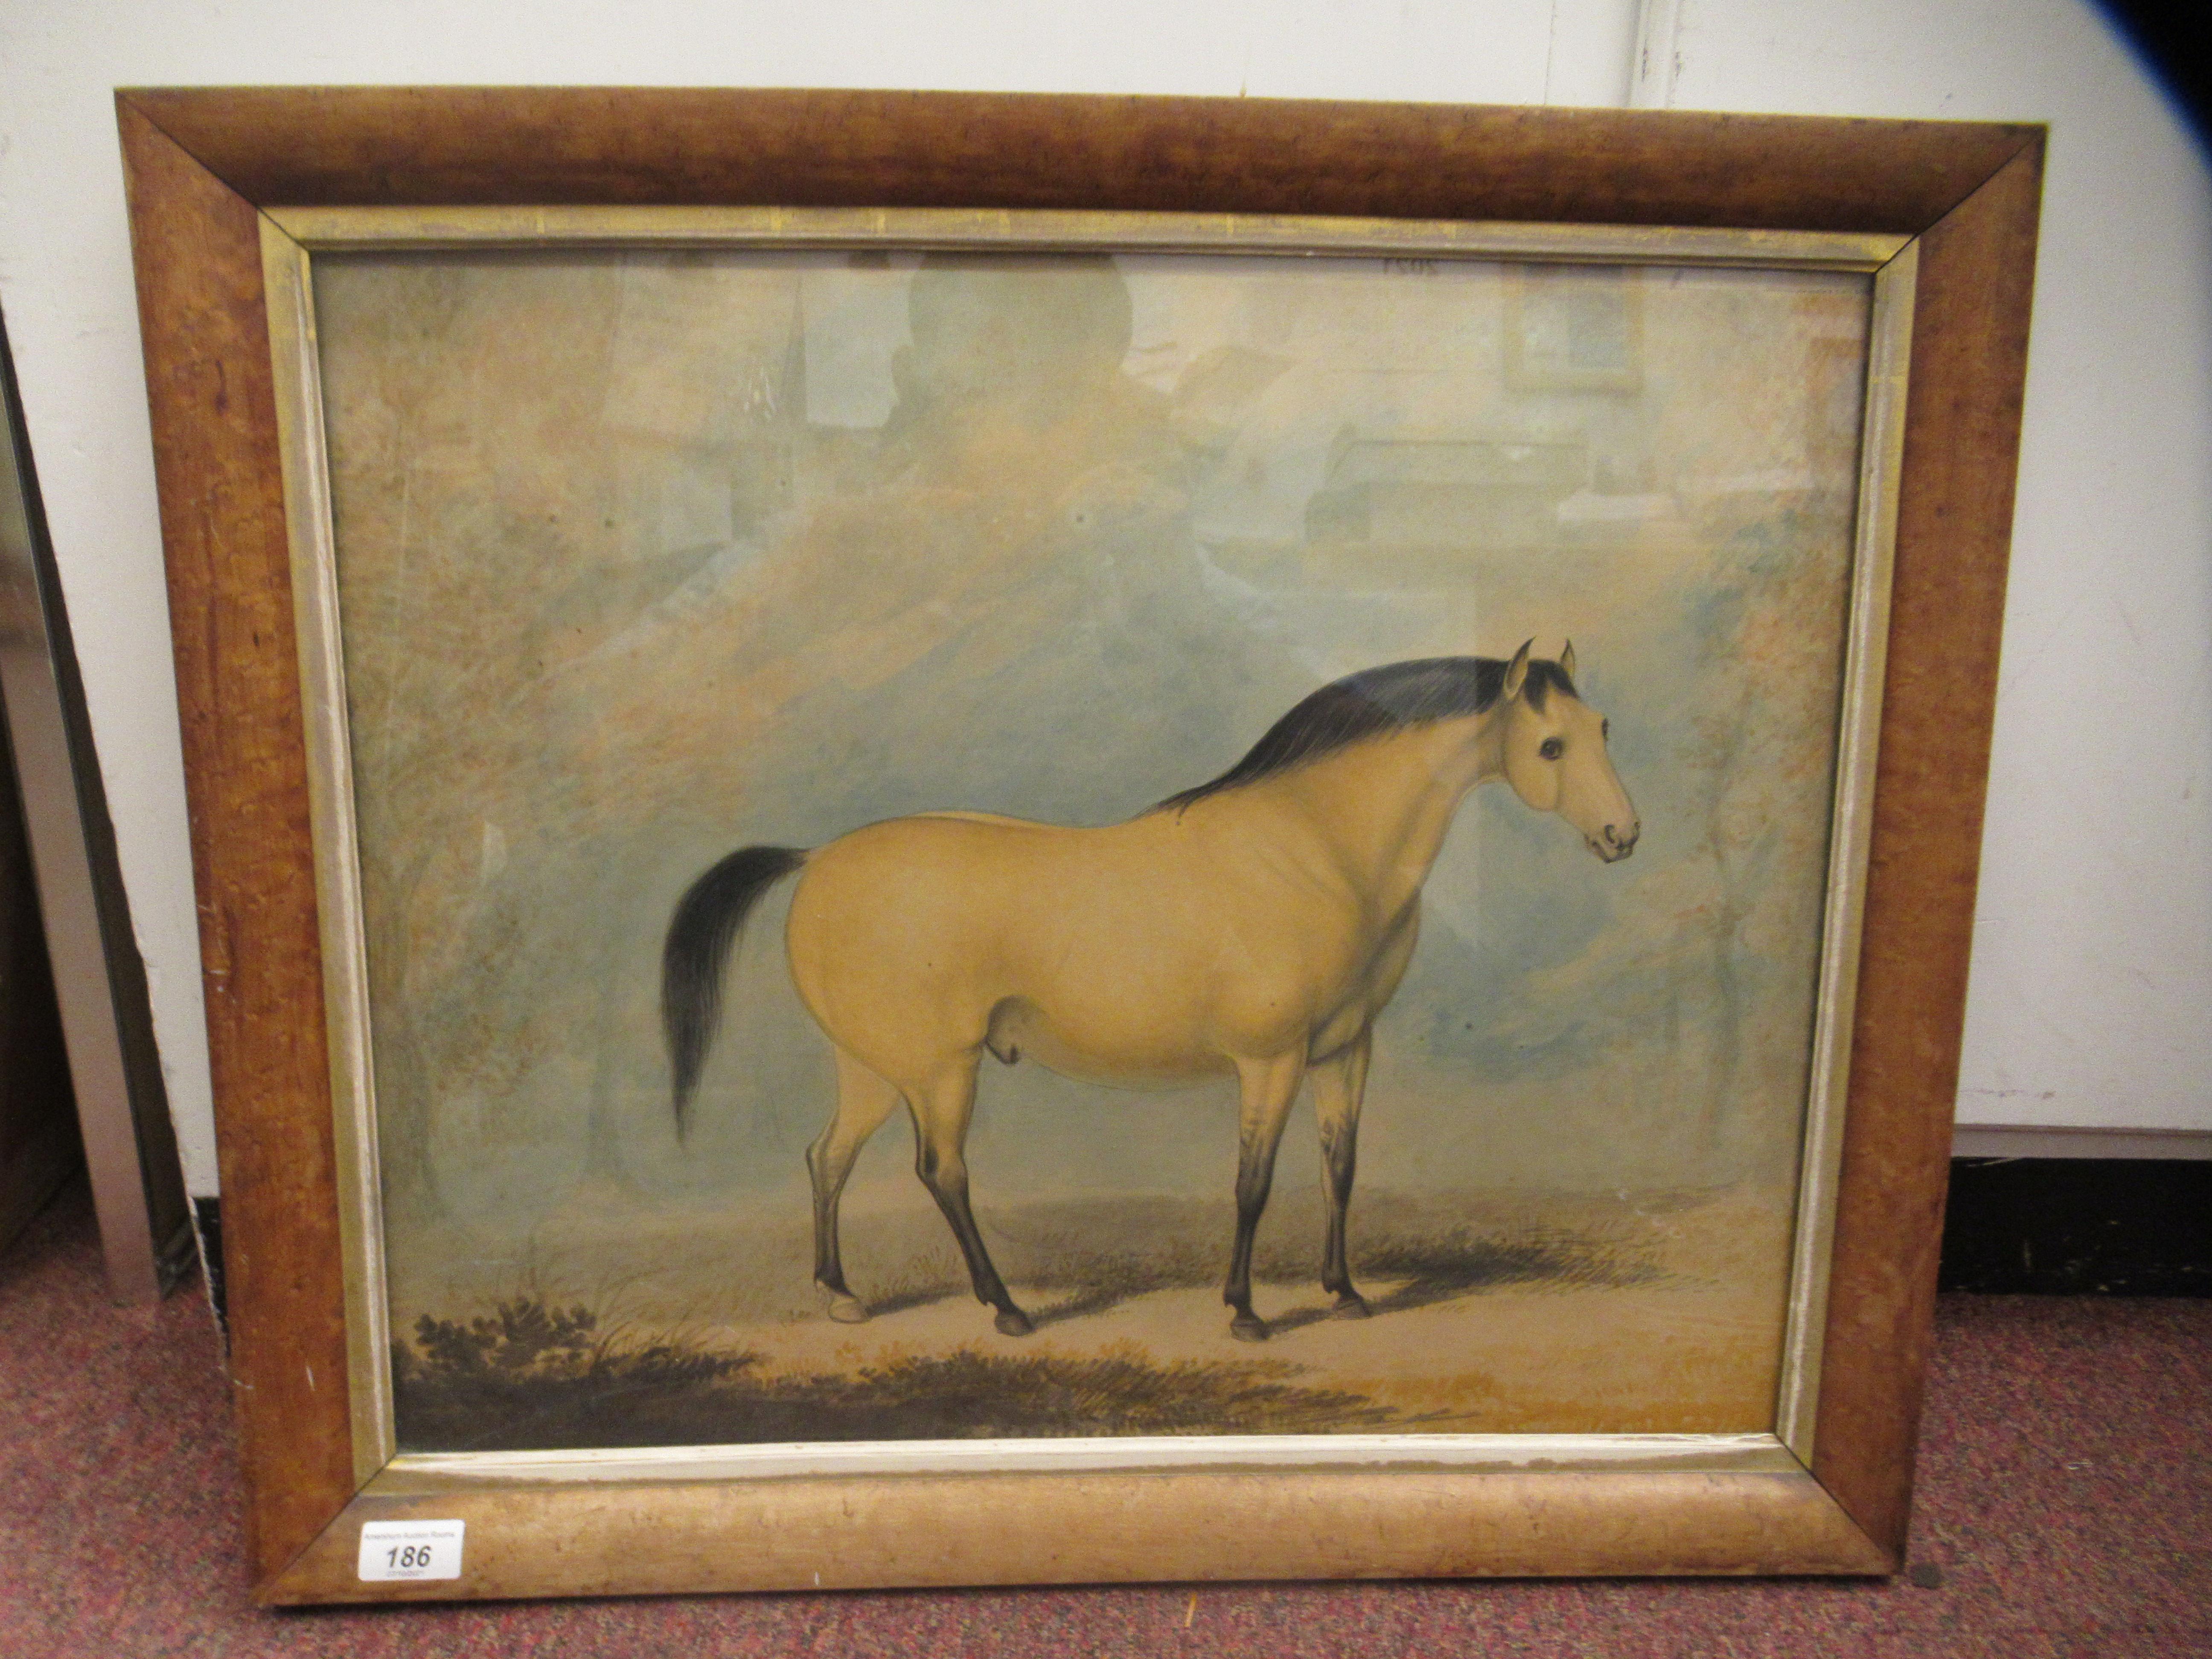 R Stennett - an equestrian study, a standing racehorsewatercolourbears a signature 17.5'' x